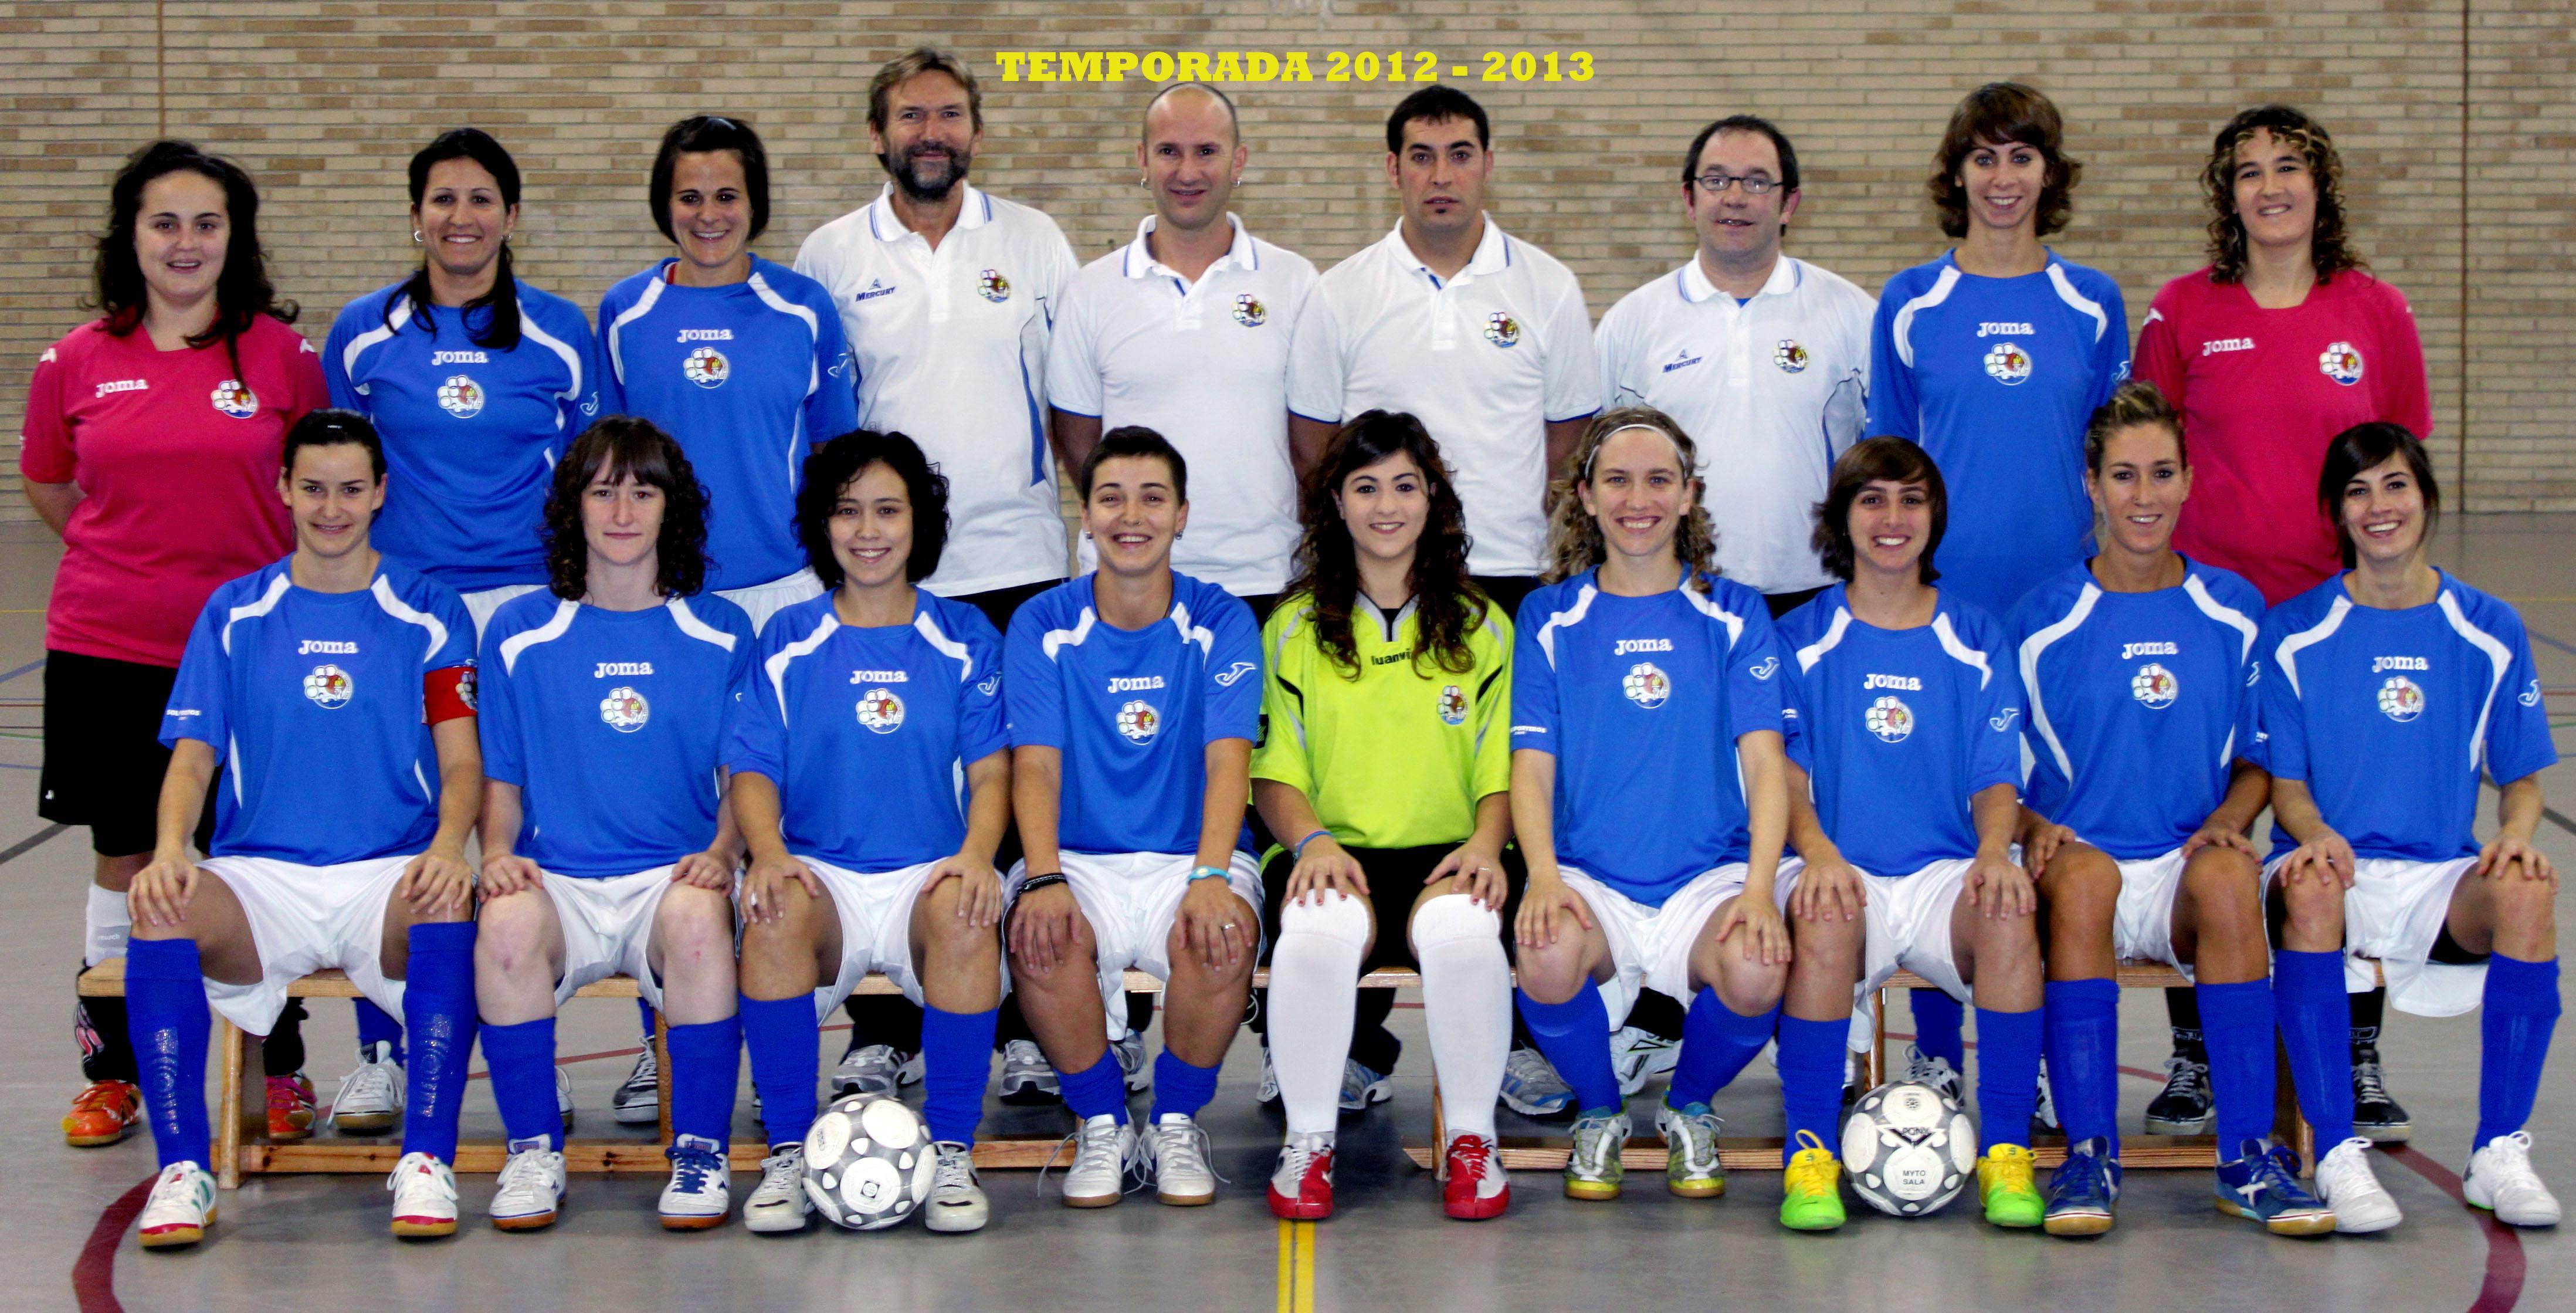 TEMPORADA 2012 - 2013